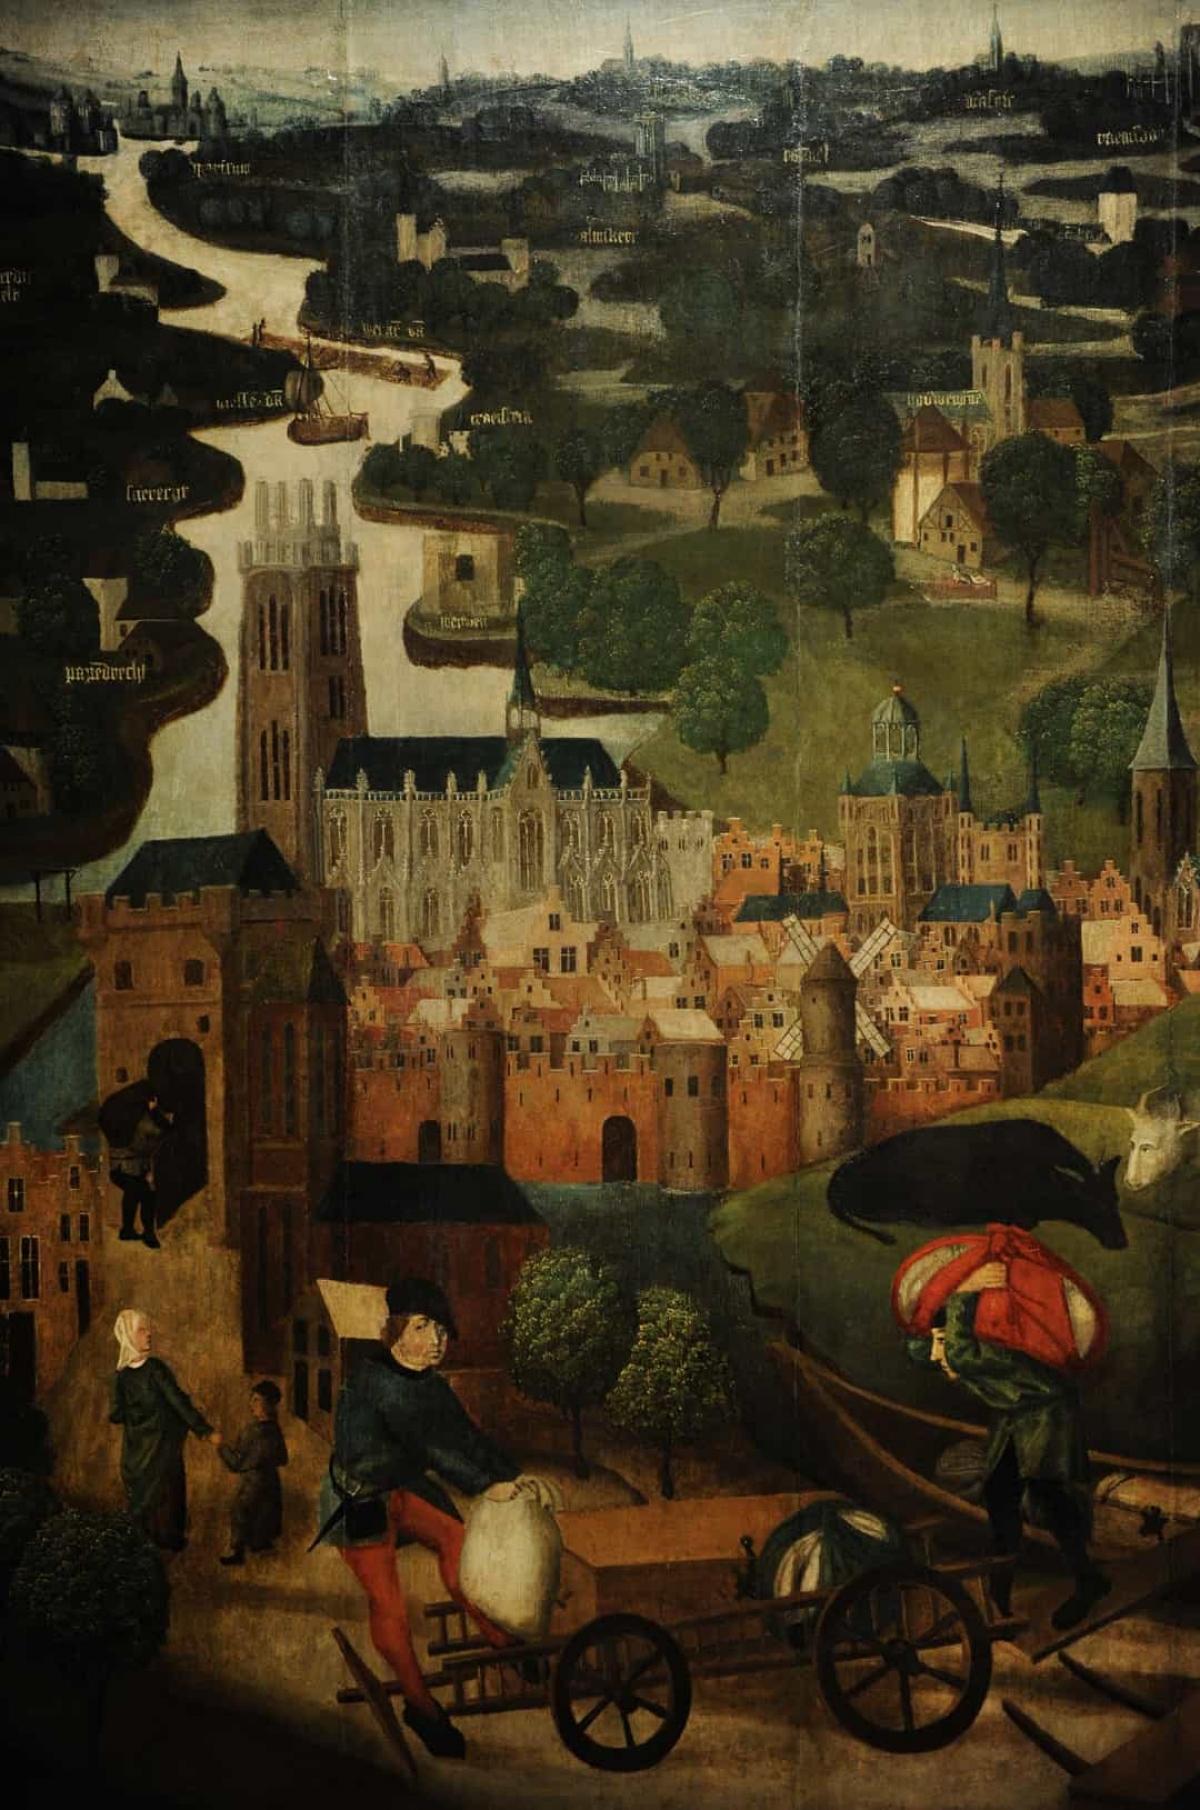 Trận lũ lụt St. Elizabeth năm 1421. Một cơn bão lớn xảy ra vào đêm 18/11/1421 gần Biển Bắc đã làm vỡ các con đê ở Grote Hollandse Waard, khu vực ngày nay là Hà Lan, và khiến các thị trấn và ngôi làng ngập nặng. Trận lũ lụt đã cướp đi sinh mạng của 10.000 người dân.